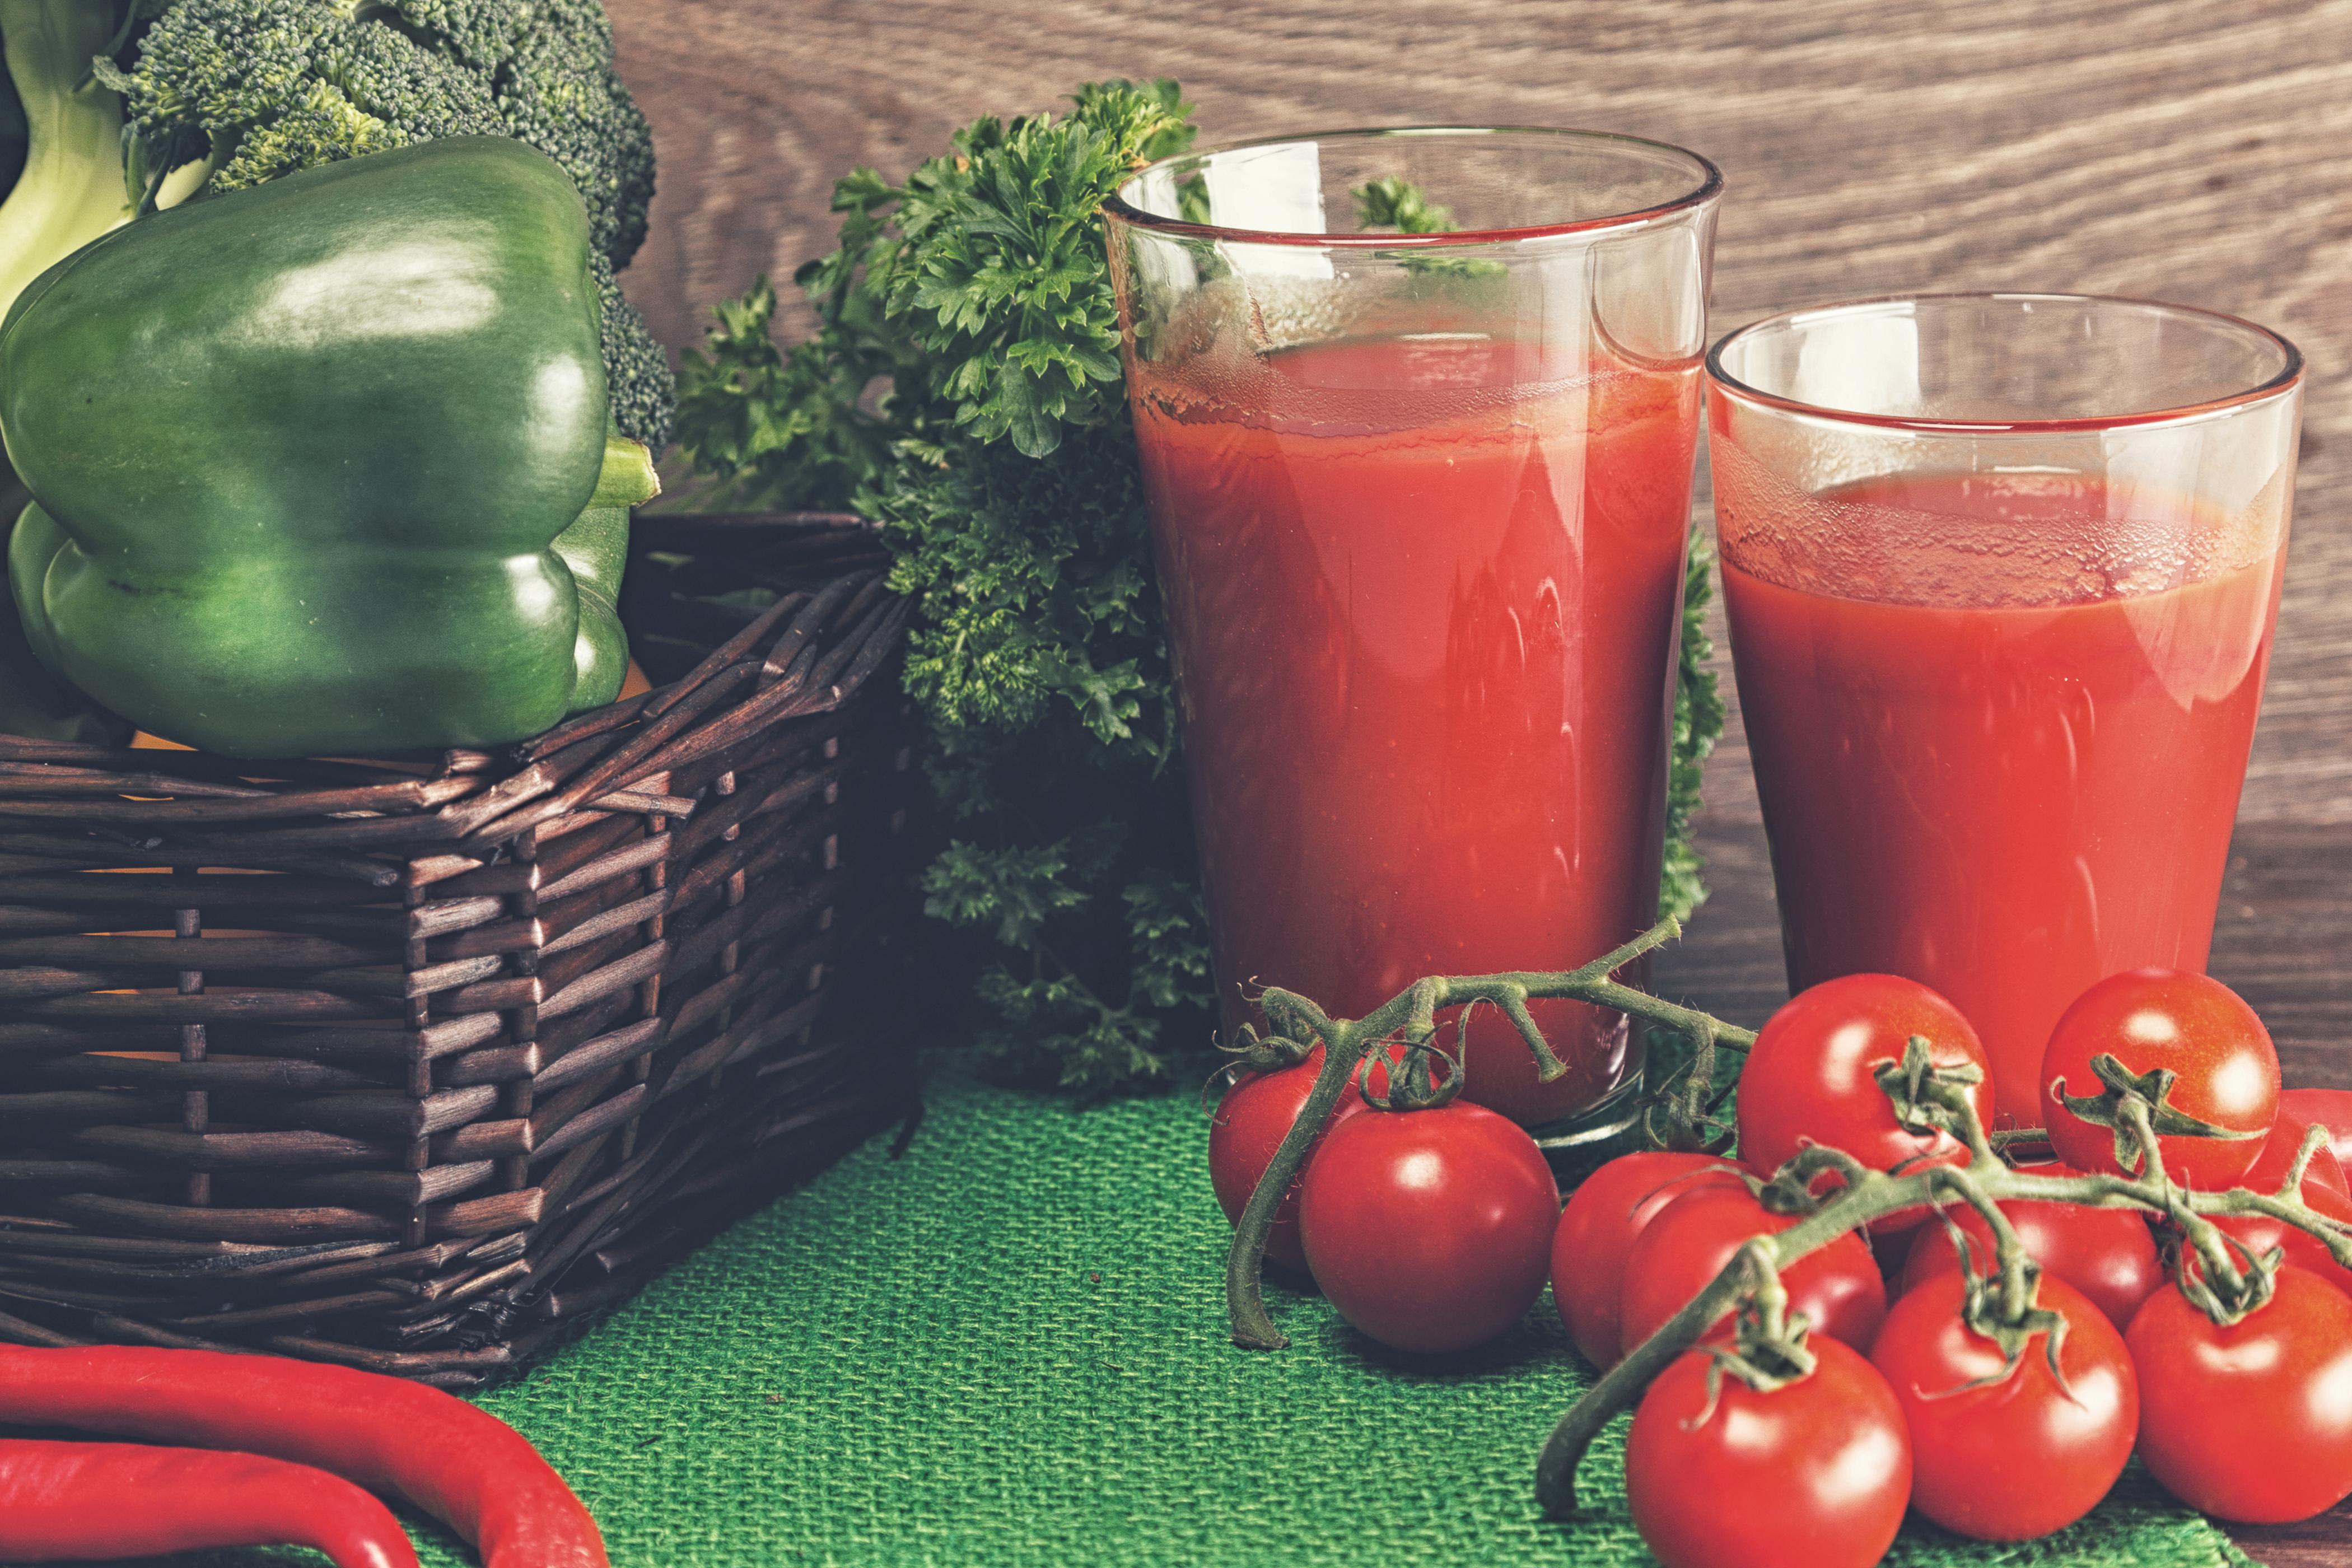 Картинка 2 Сок Помидоры стакана Пища перец овощной два две Двое вдвоем Томаты Стакан стакане Еда Перец Продукты питания